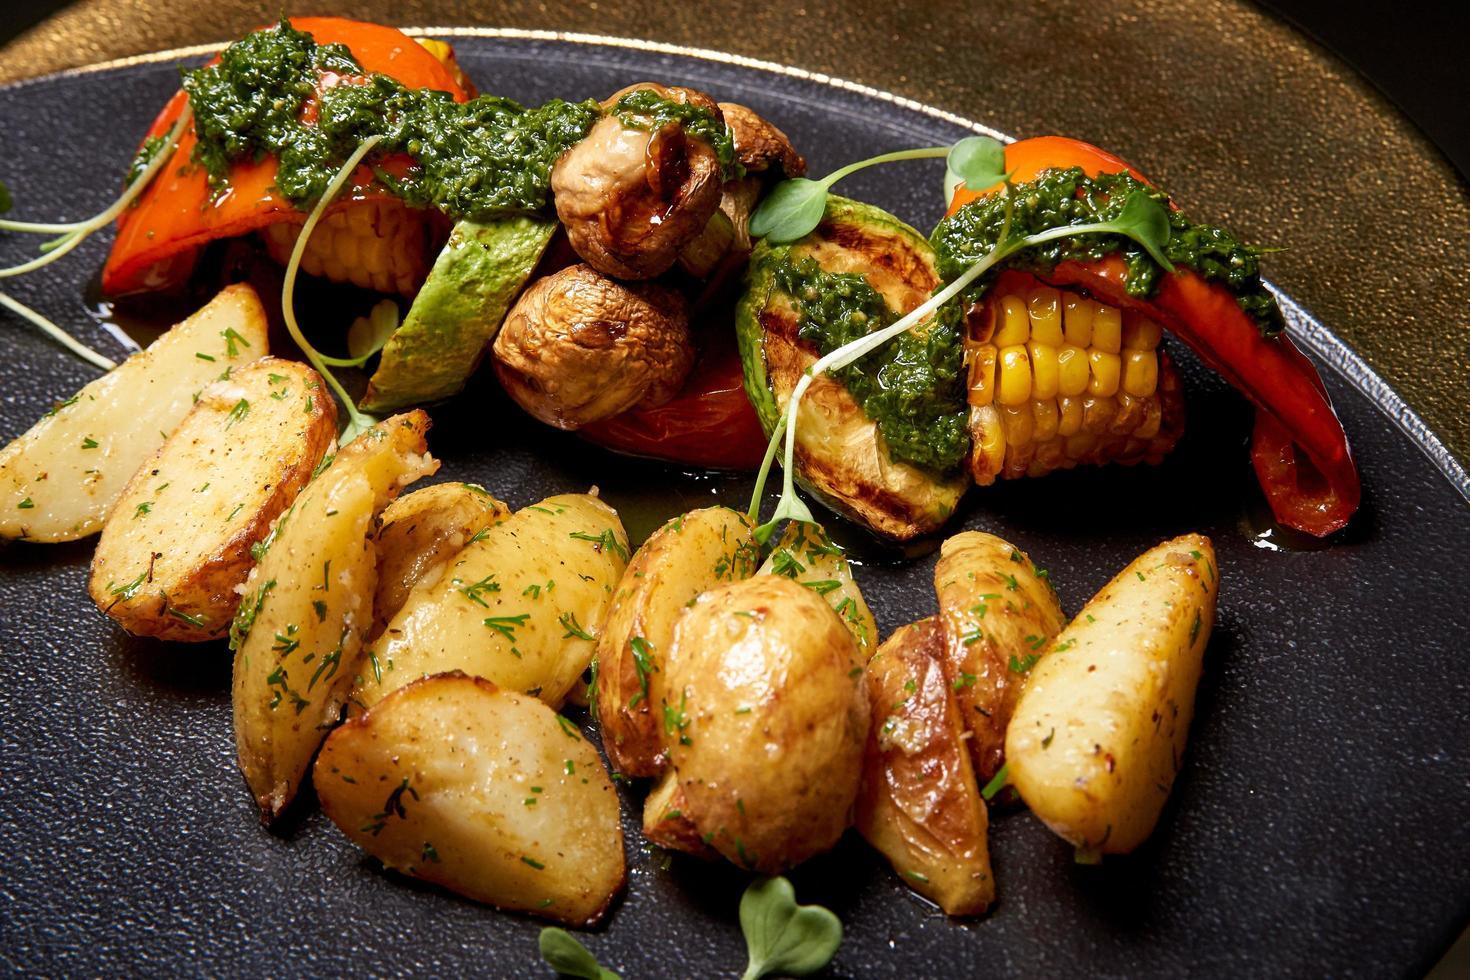 légumes cuits au four colorés photo